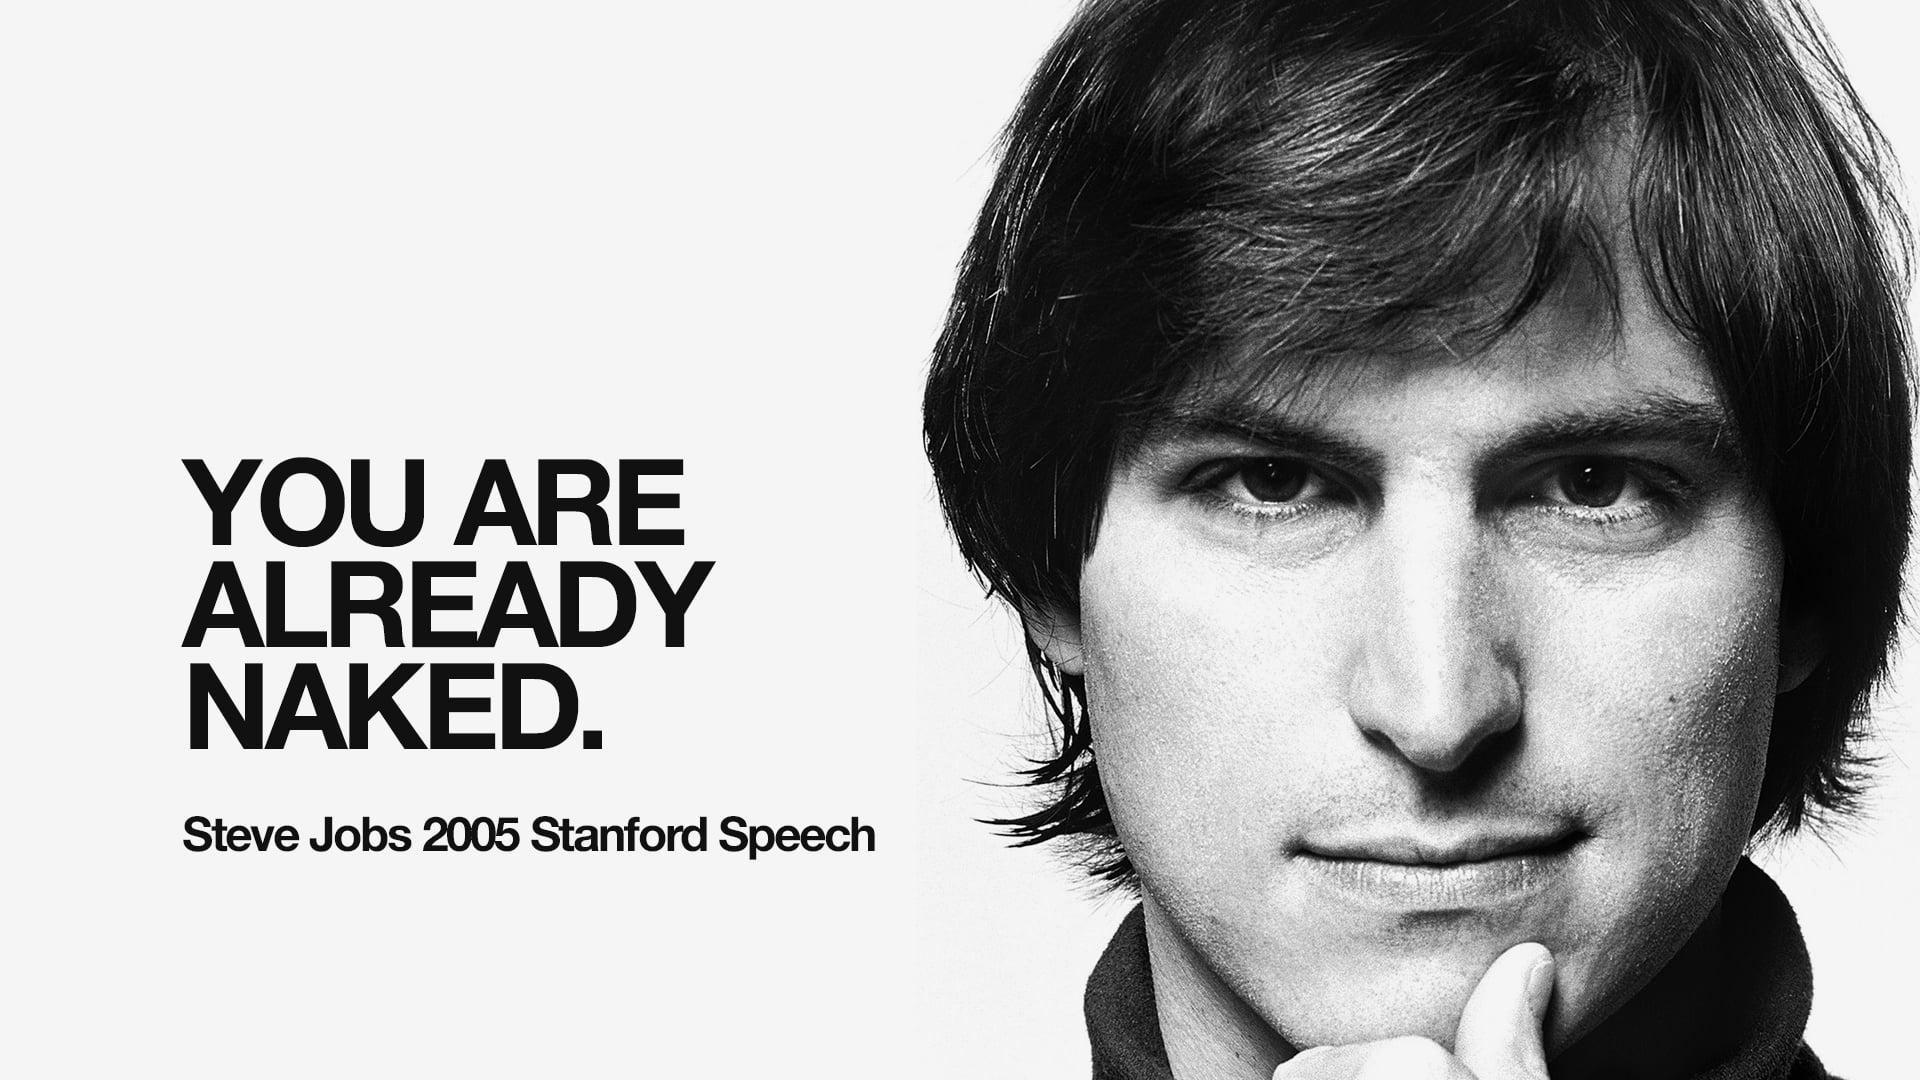 [Osobnost] Steve Jobs – Umělec schopný měnit realitu, nebo jen dost velký blázen?